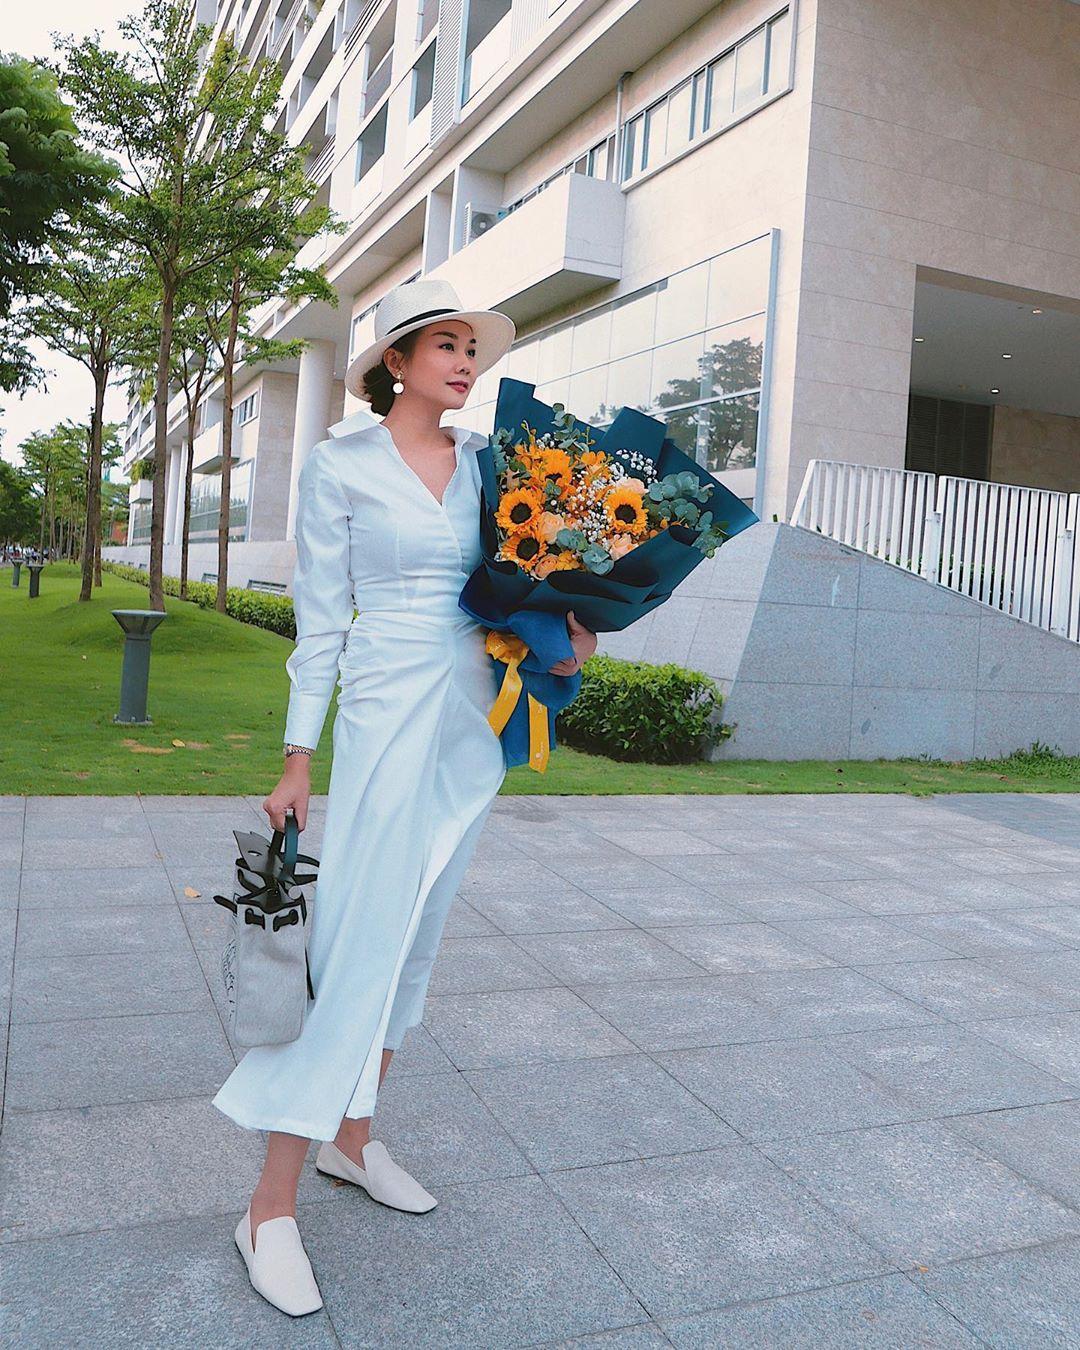 11 set đồ vừa đẹp còn vừa dễ mặc từ sao Việt mà bạn có thể áp dụng ngay cho style đi chơi ngày nghỉ lễ - Ảnh 6.